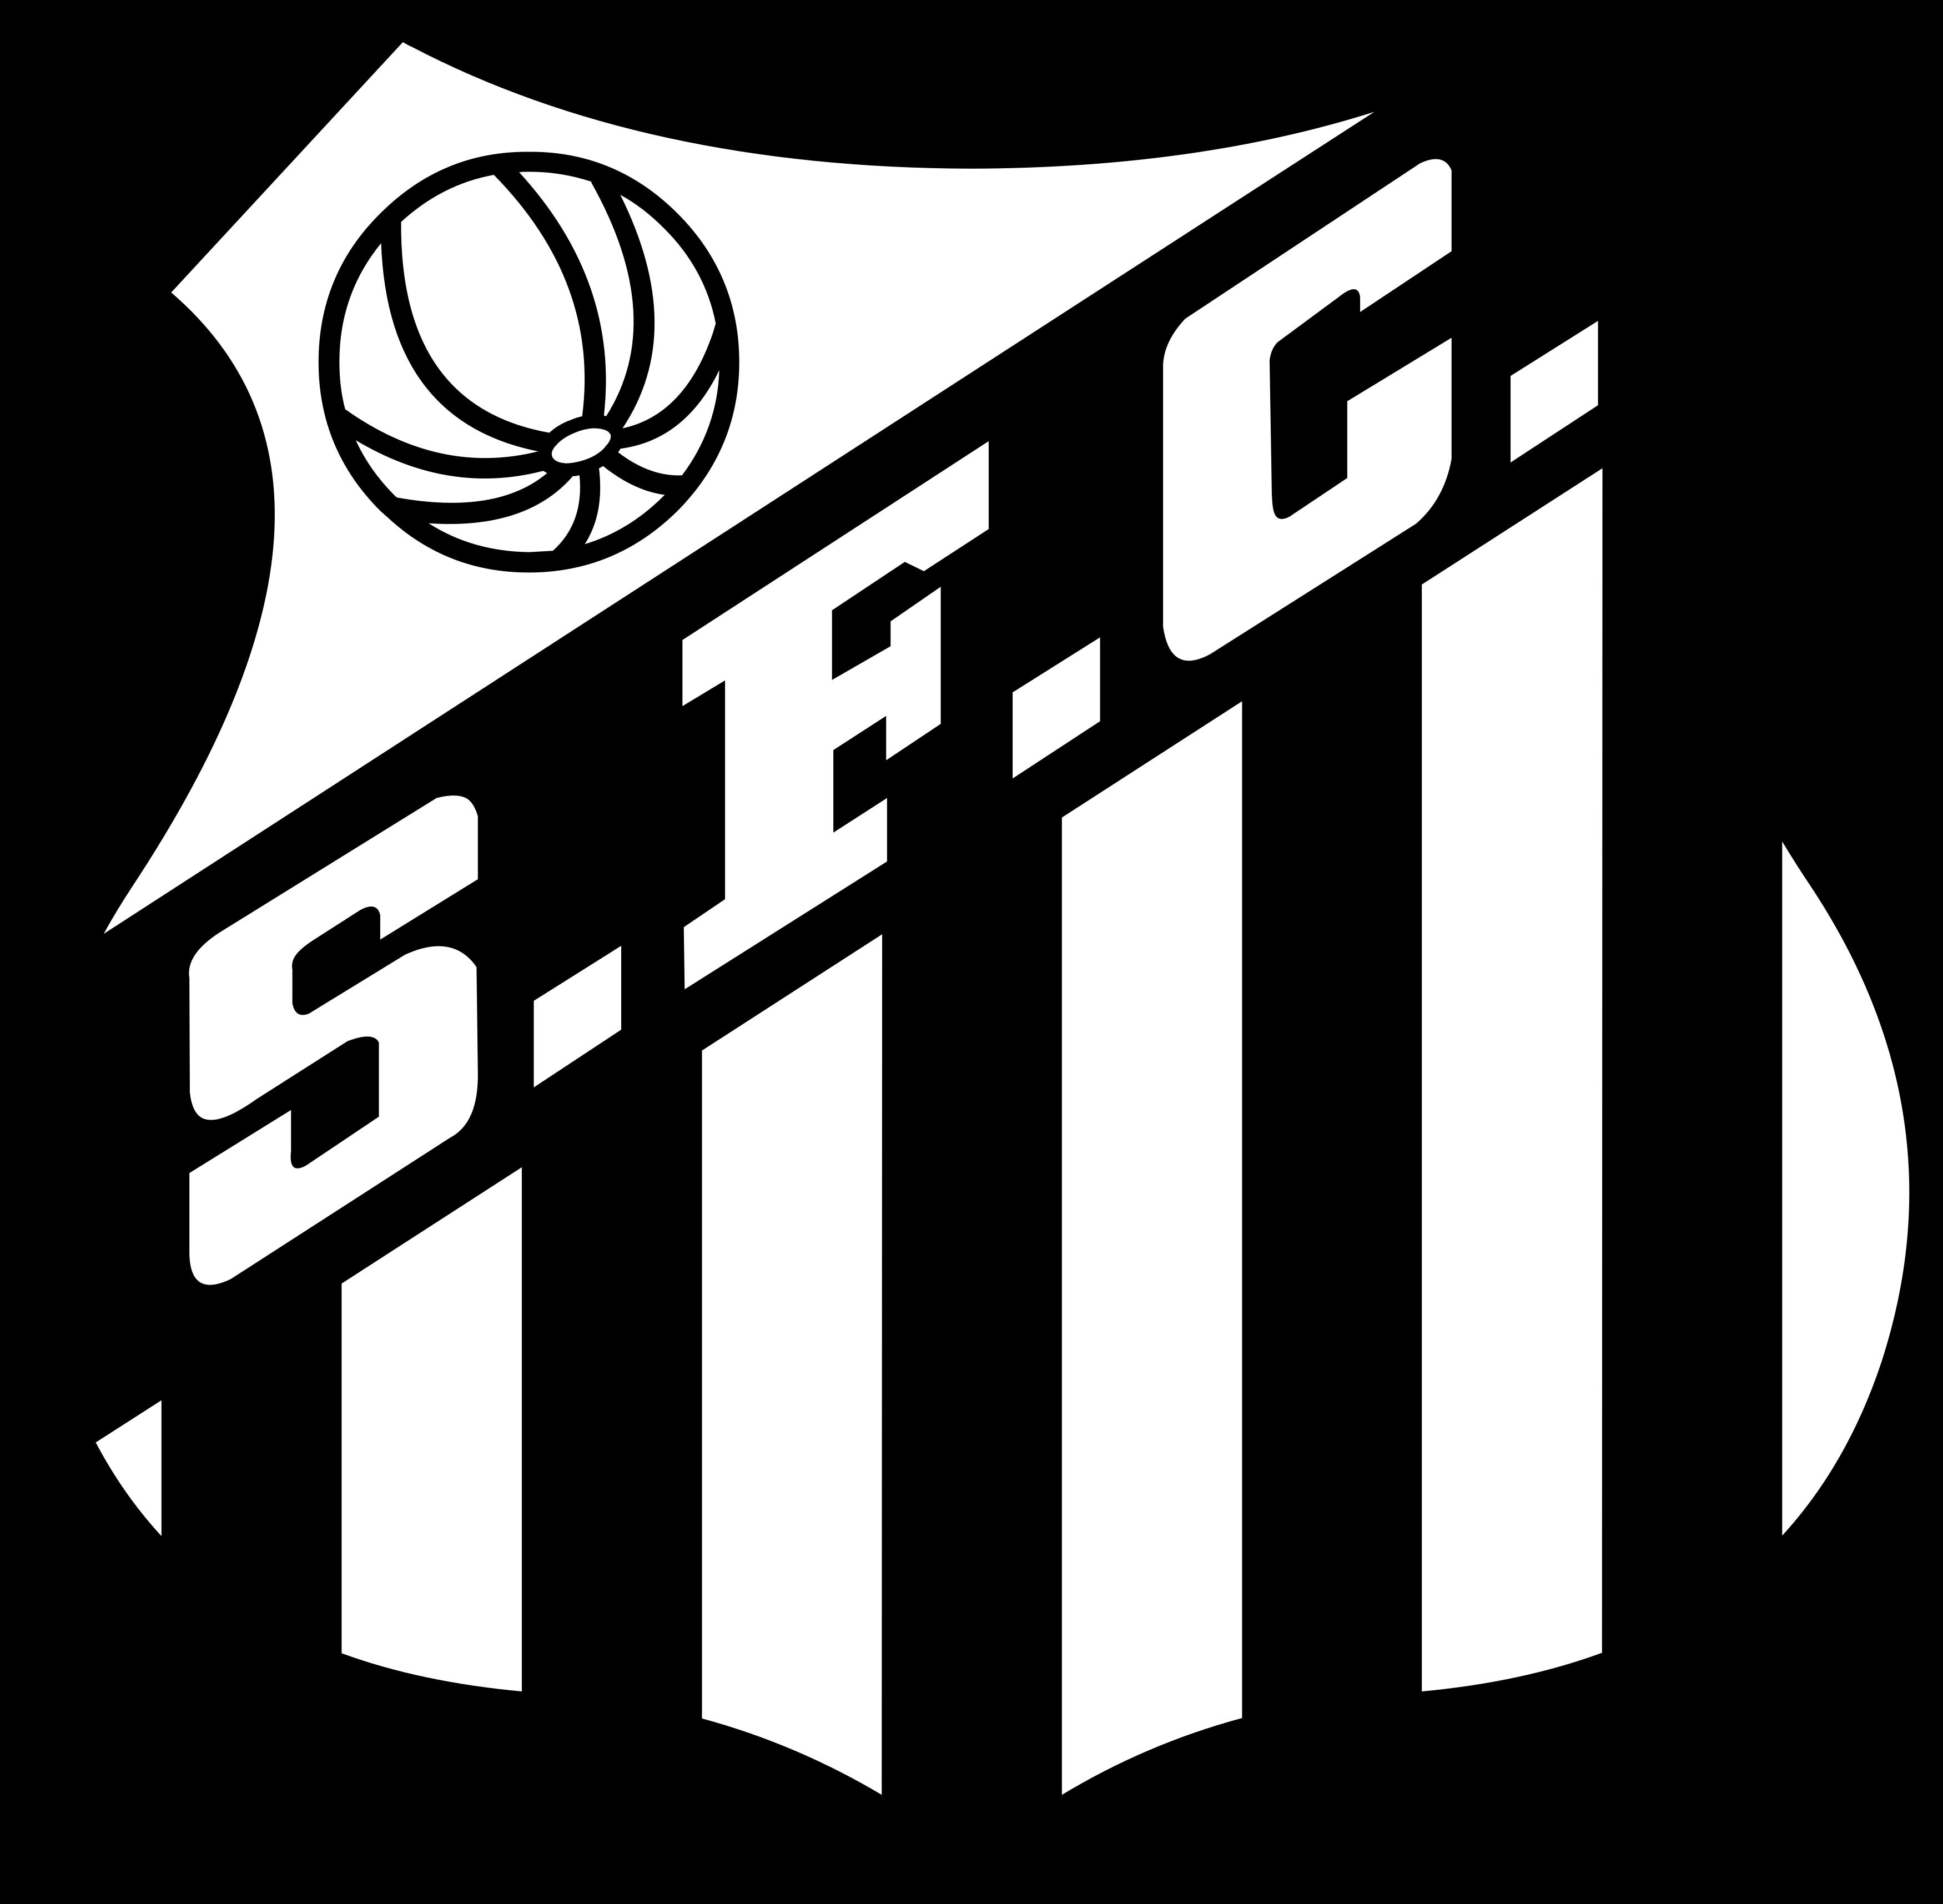 santos-logo-escudo-1